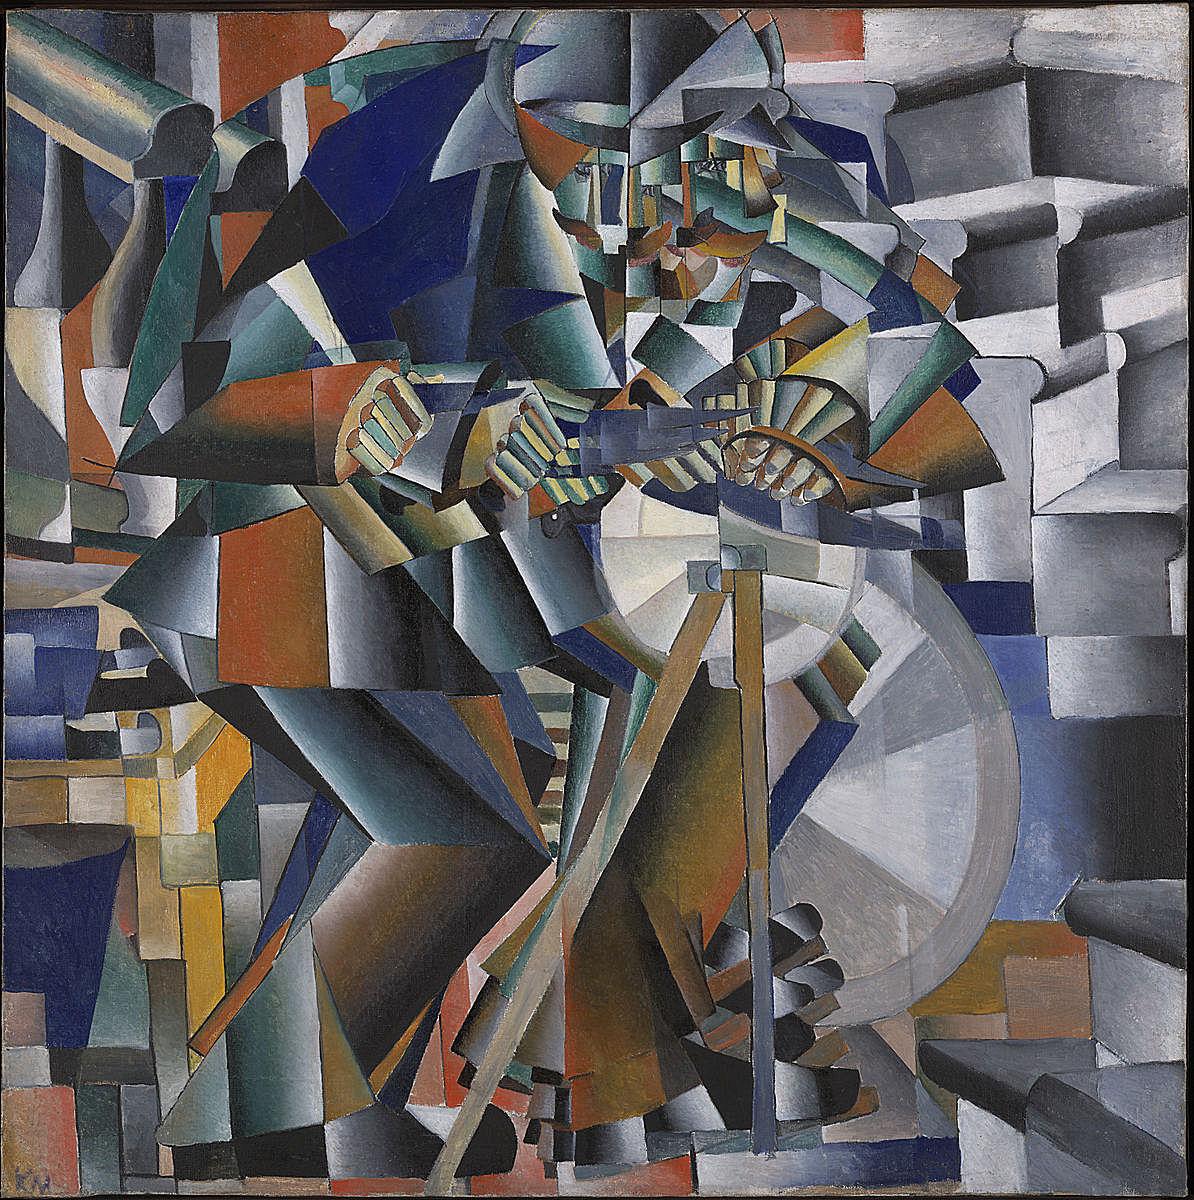 卡西米爾·馬列維奇(Kasimier Malevich)《磨刀人》